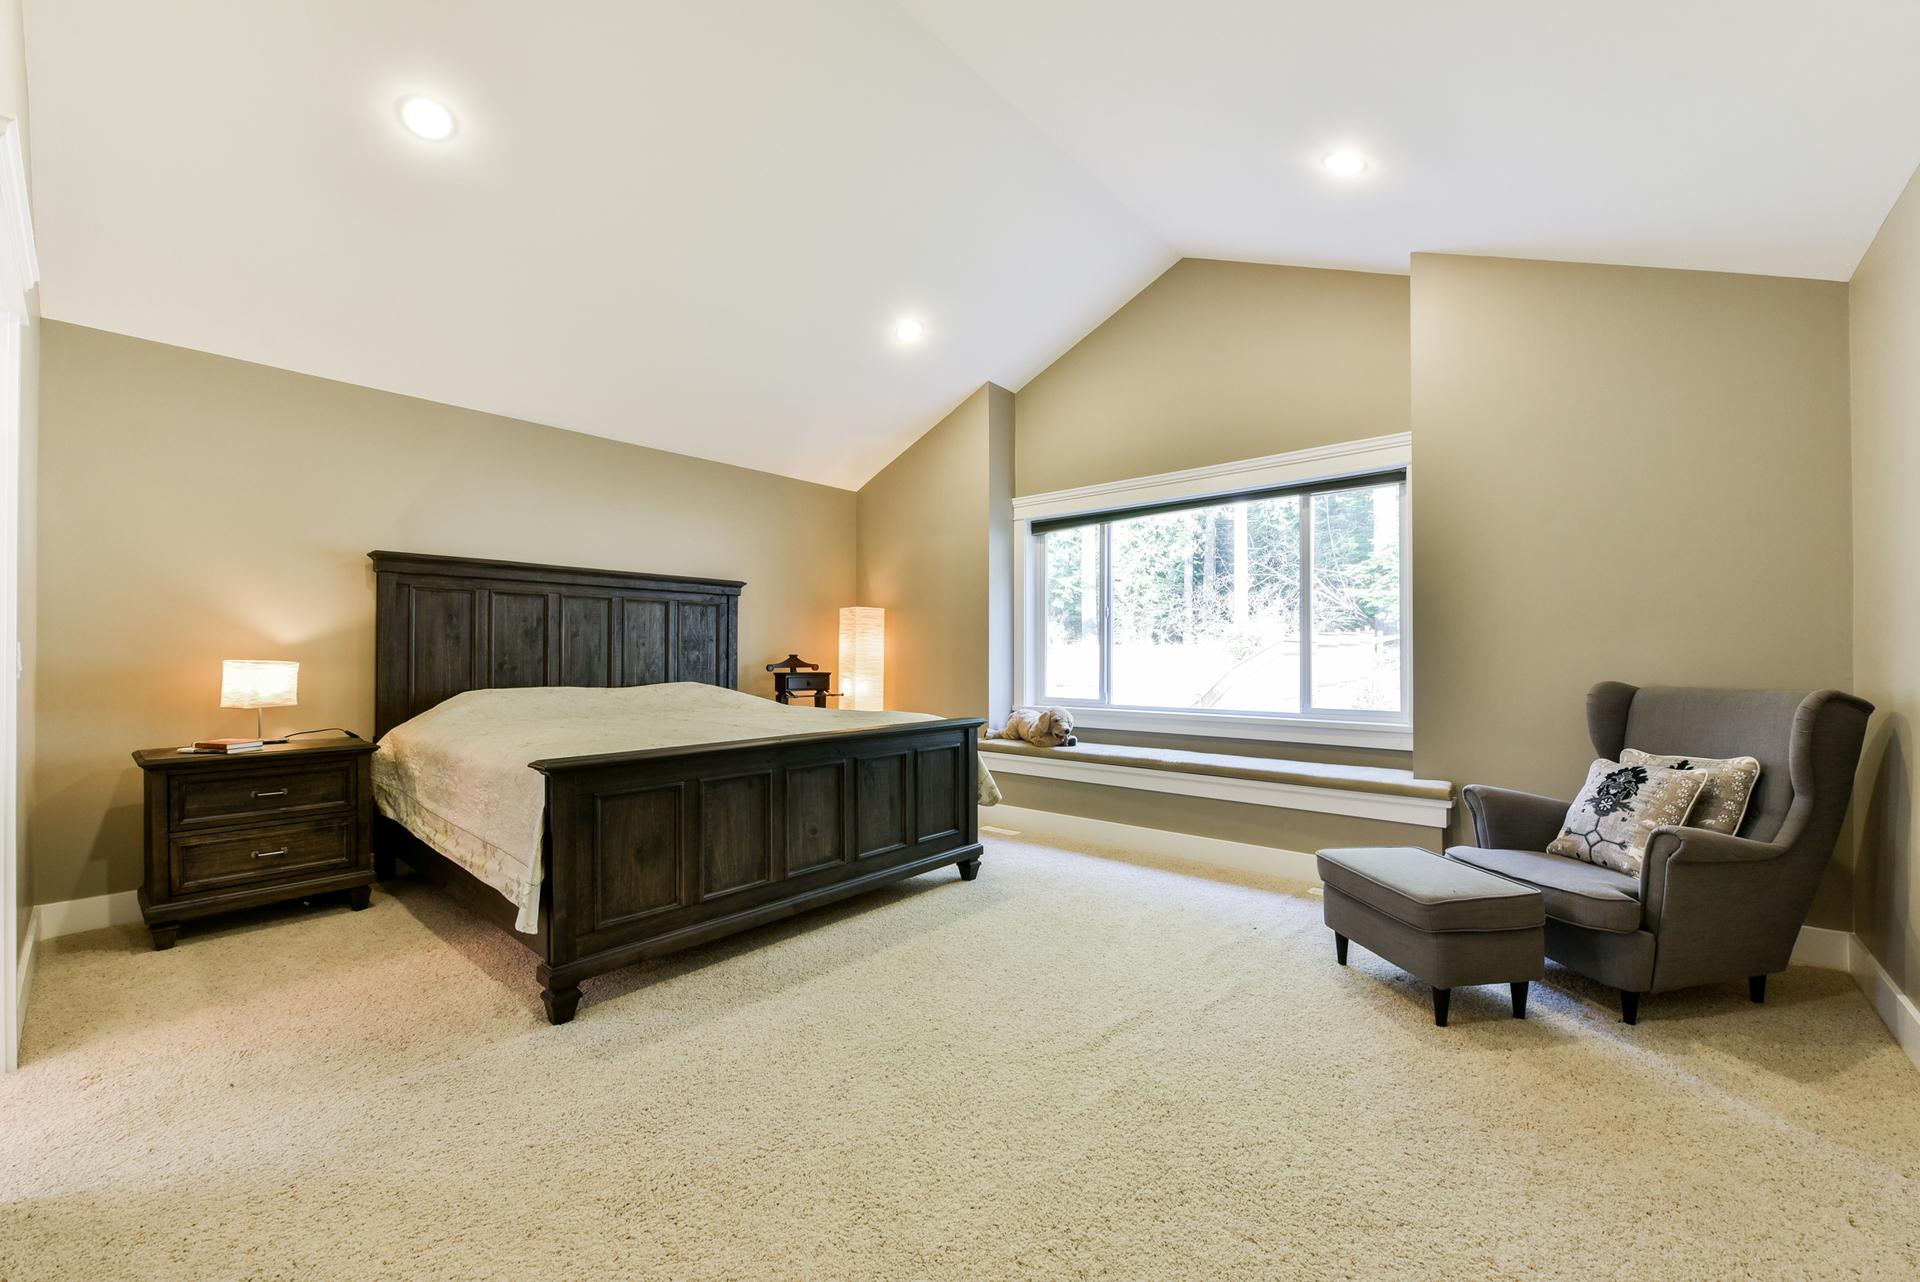 3355-scotch-pine-avenue-coquitlam-34 at 3355 Scotch Pine Avenue, Burke Mountain, Coquitlam